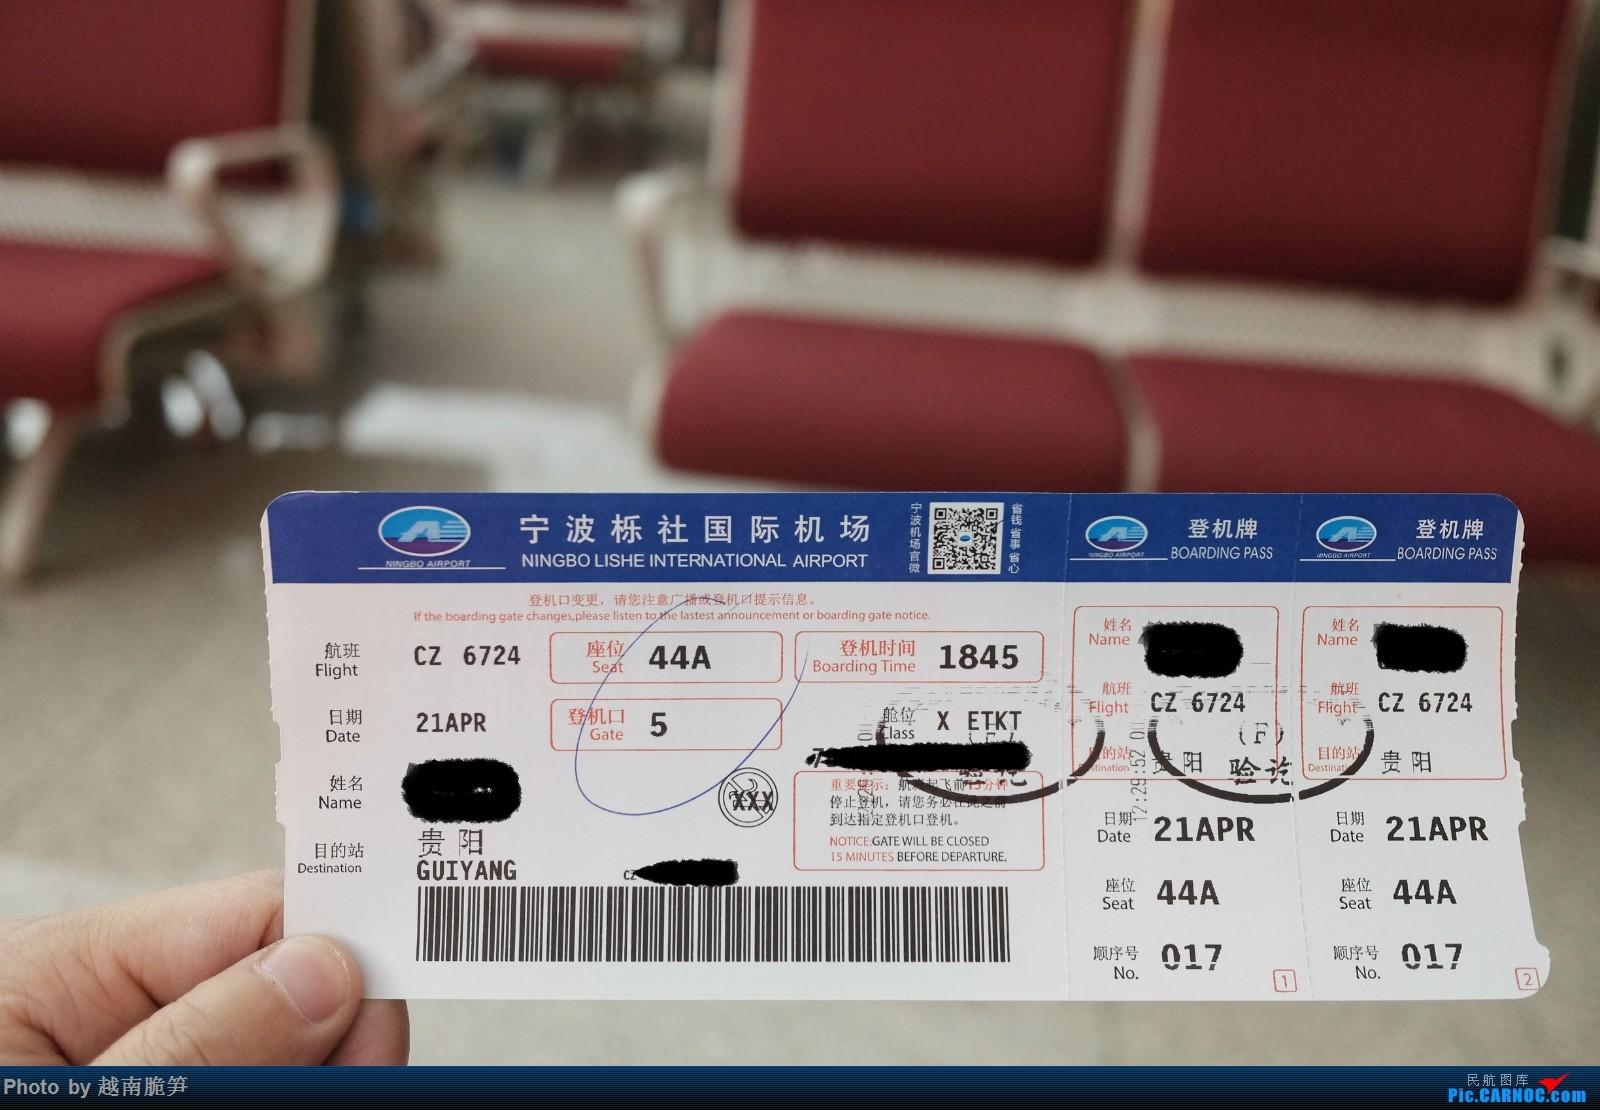 Re:[原创]宁波——贵阳往返,南航执飞    中国宁波栎社国际机场